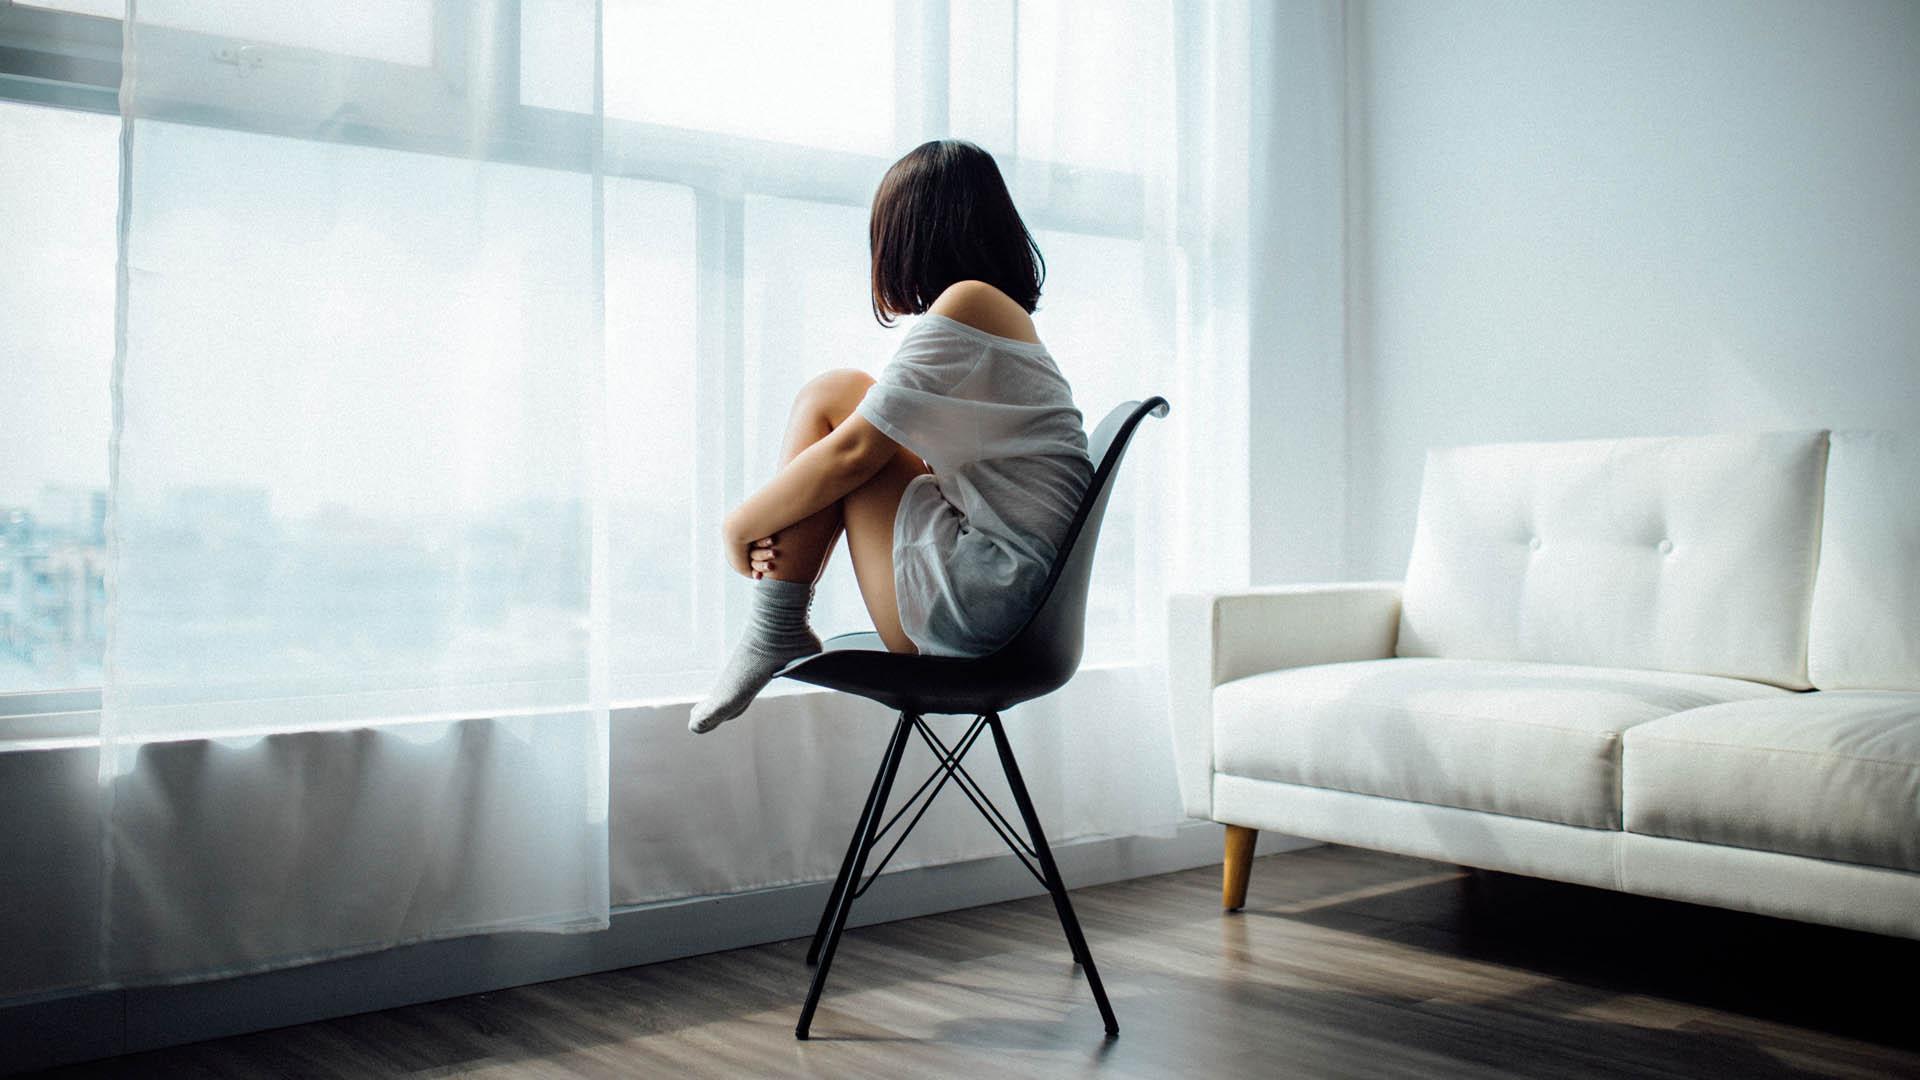 Depresión mujeres soledad mujer